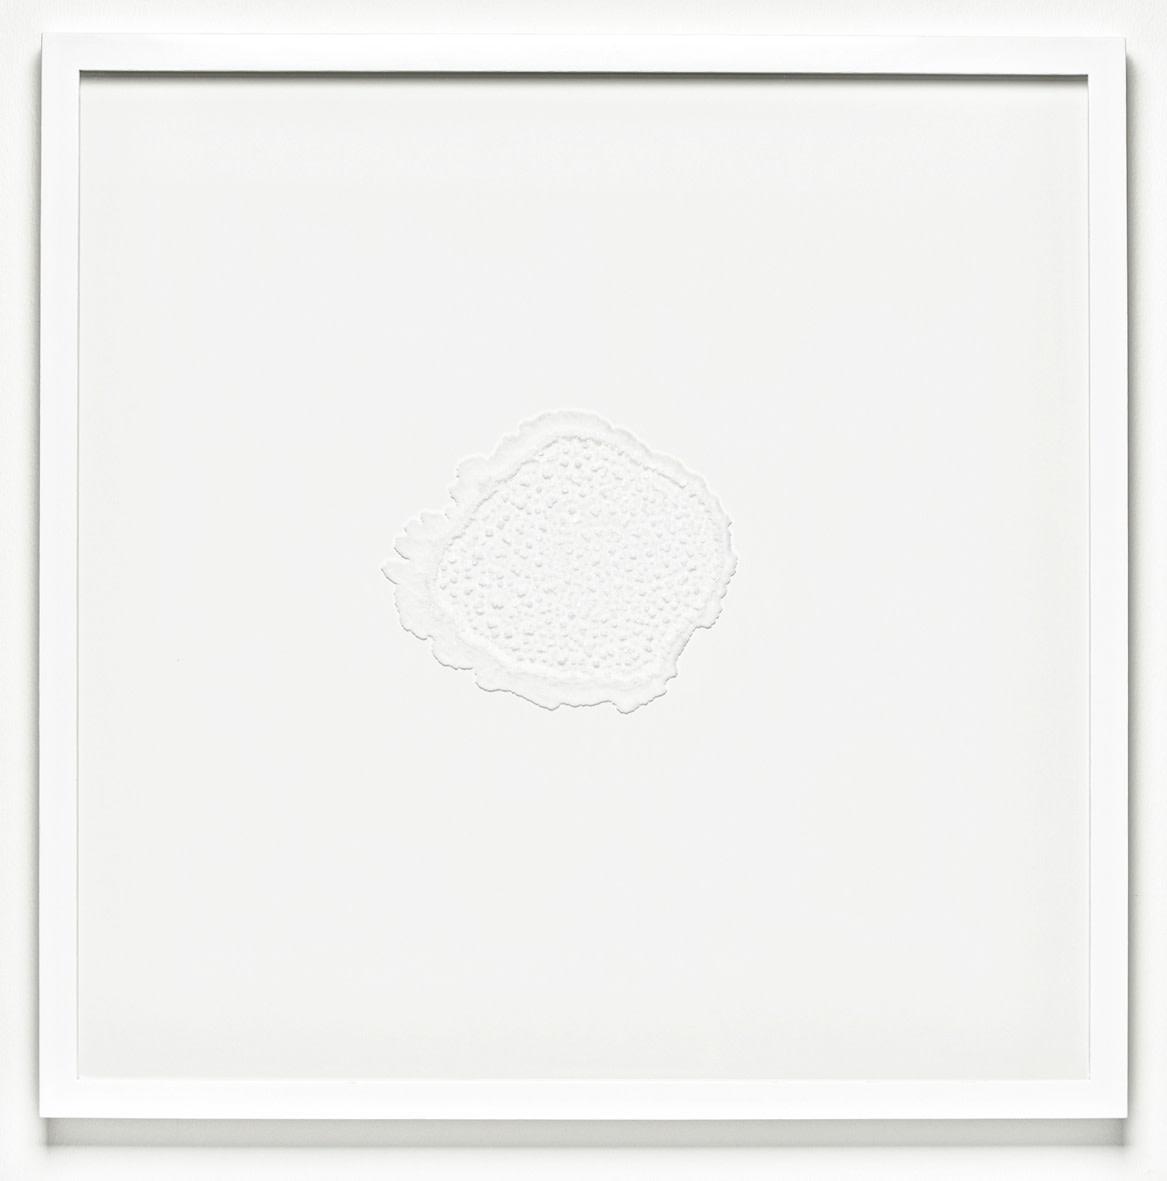 """<span class=""""link fancybox-details-link""""><a href=""""/exhibitions/129/works/artworks9036/"""">View Detail Page</a></span><div class=""""artist""""><strong>RAGNA RÓBERTSDÓTTIR</strong></div><div class=""""title""""><em>Mindscape (salt)</em>, 2013</div><div class=""""medium"""">sea salt on glass</div><div class=""""dimensions"""">72.0 x 72.0 x 4.5 cm<br>28 1/8 x 28 1/8 x 1 1/4 in</div>"""